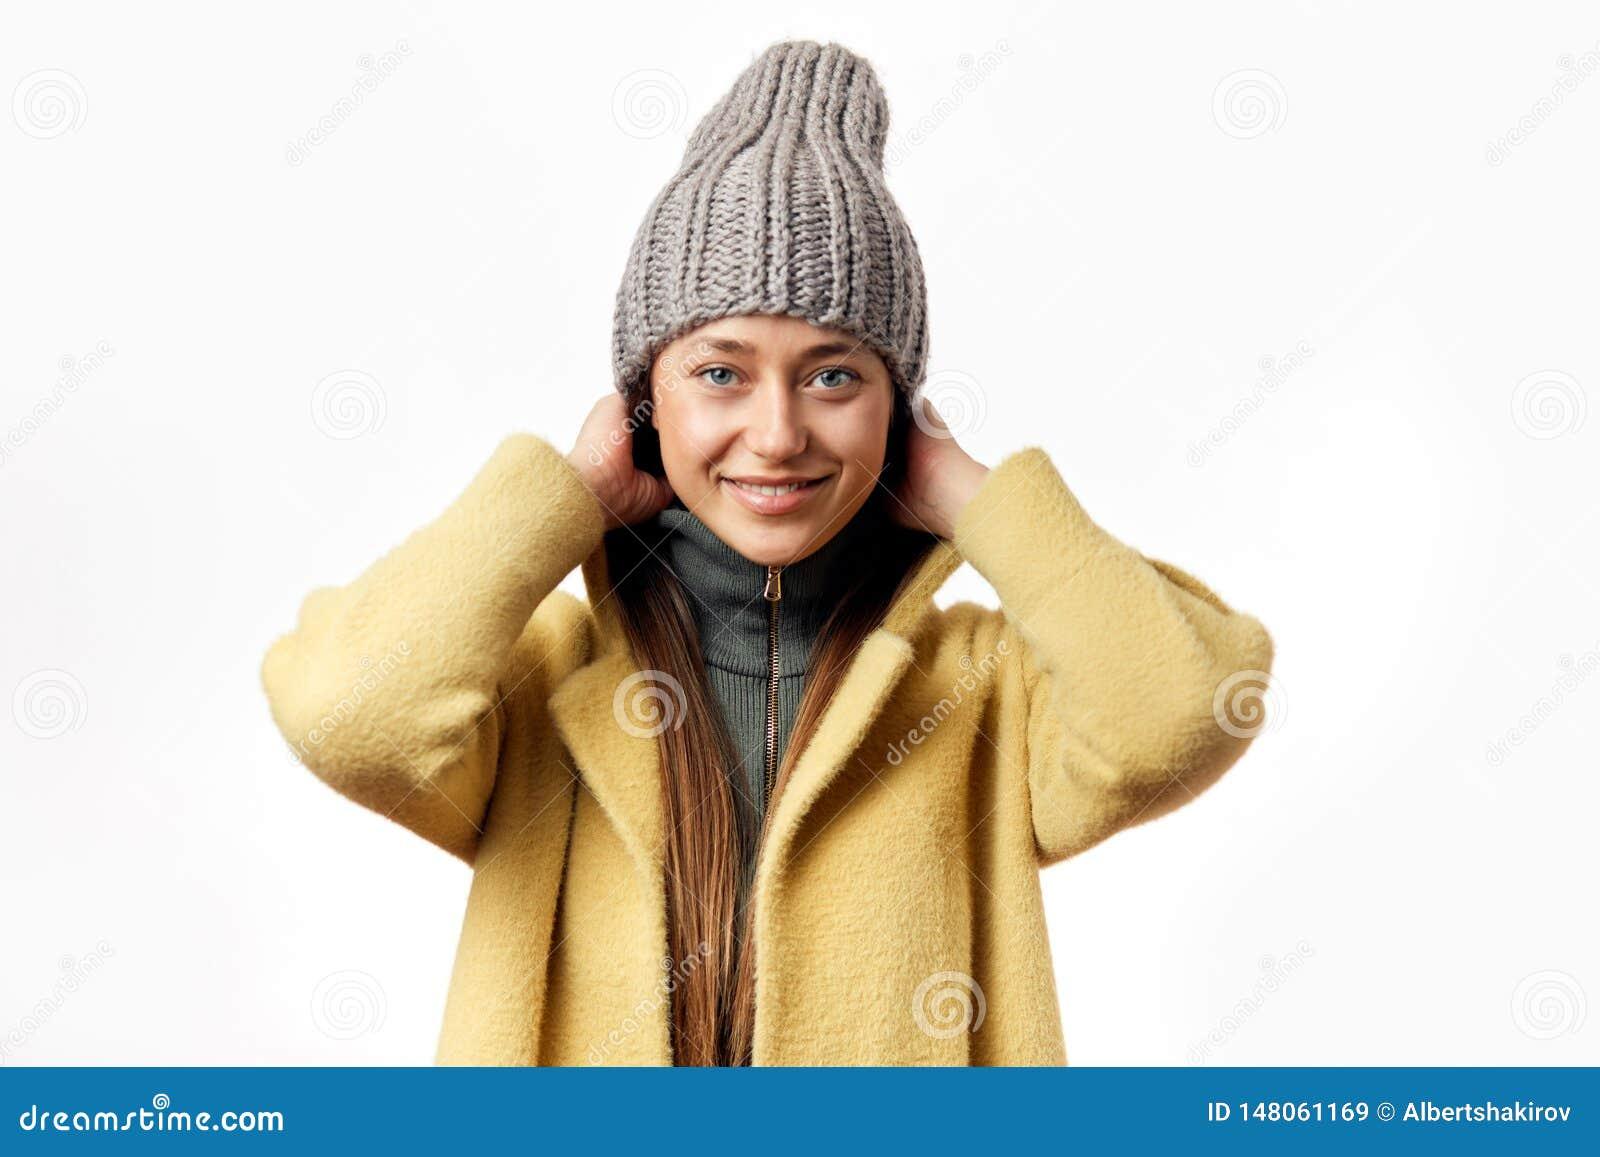 Abrigo de invierno que lleva de la mujer joven aislado sobre el fondo blanco